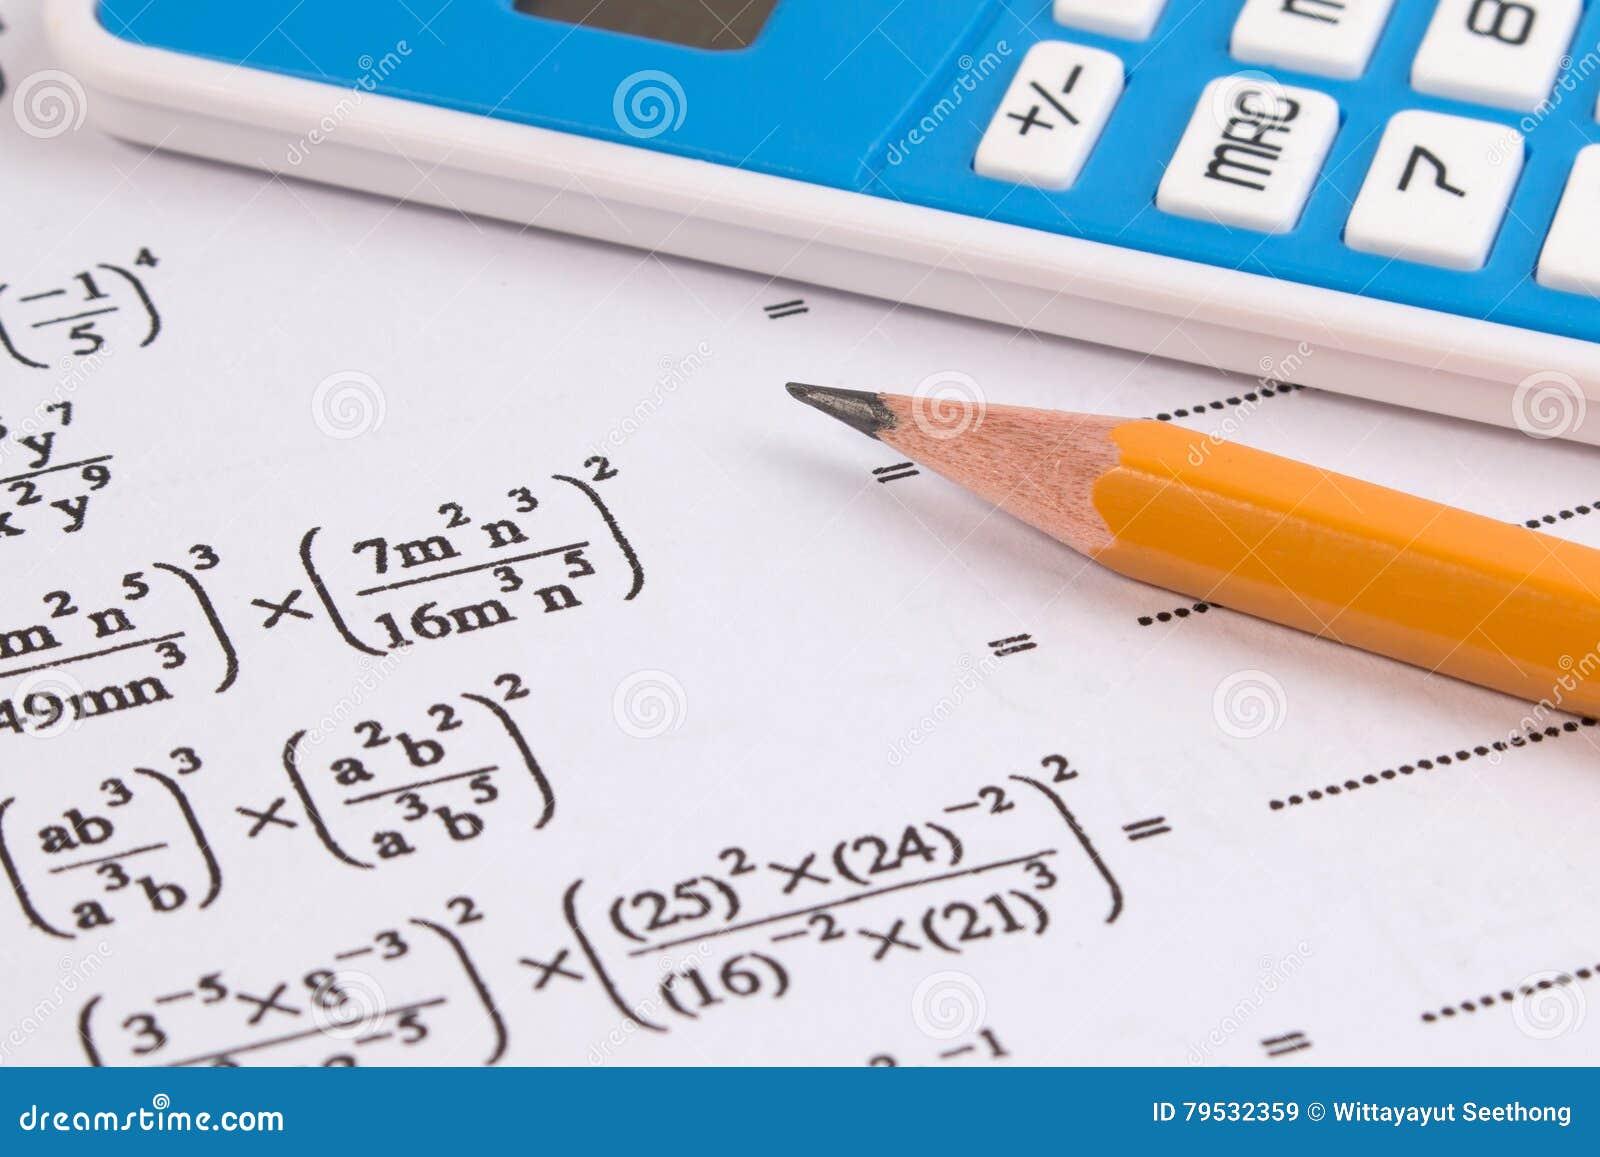 Matemática, close-up das equações da matemática Trabalhos de casa da matemática ou exames da matemática